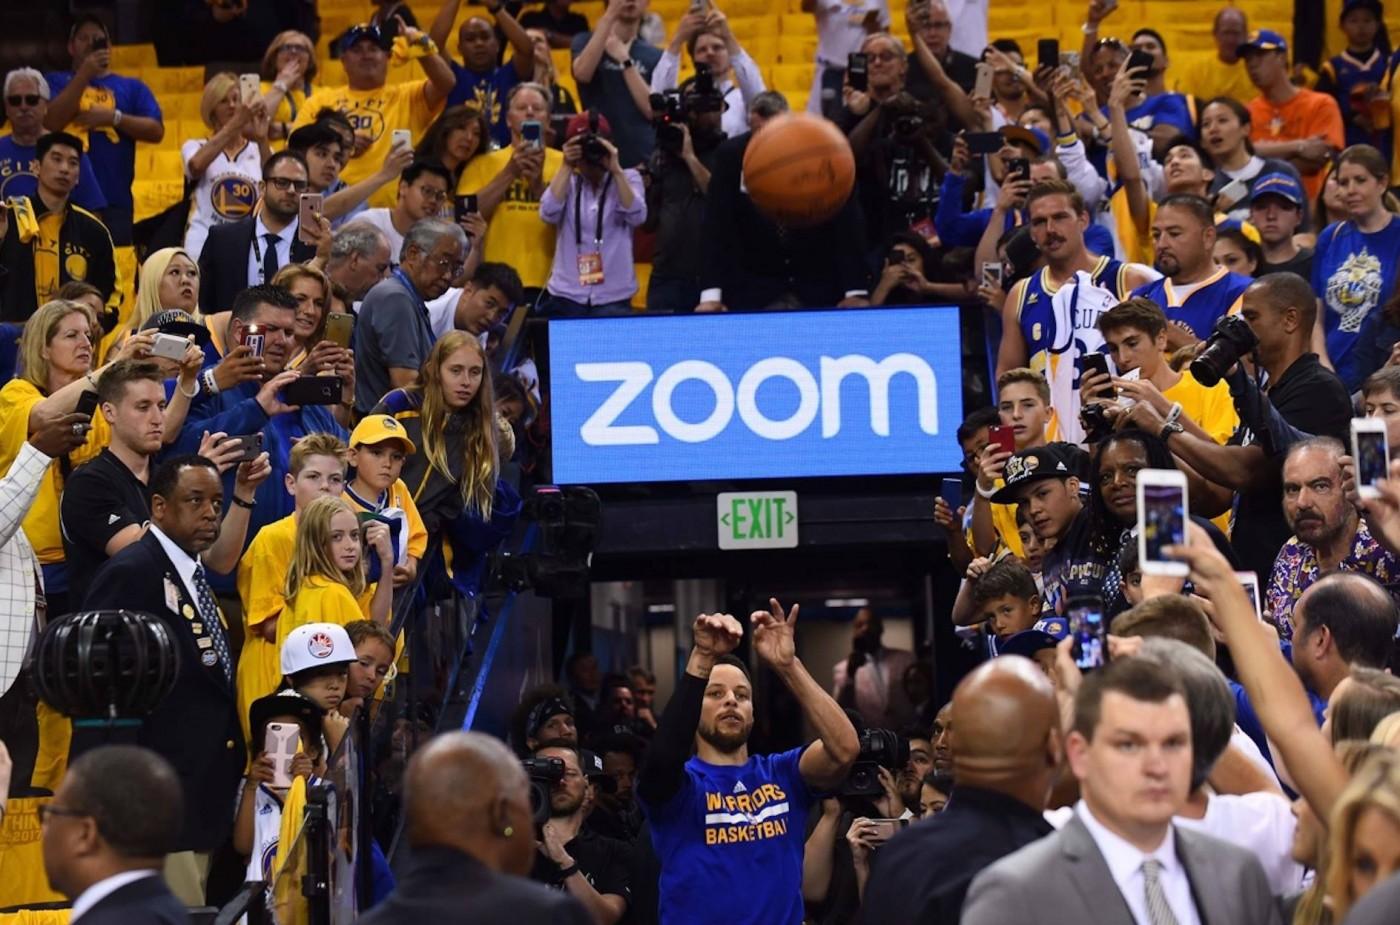 全球一夕間開始用Zoom,卻替創辦人袁征引來了「苦澀的成功」